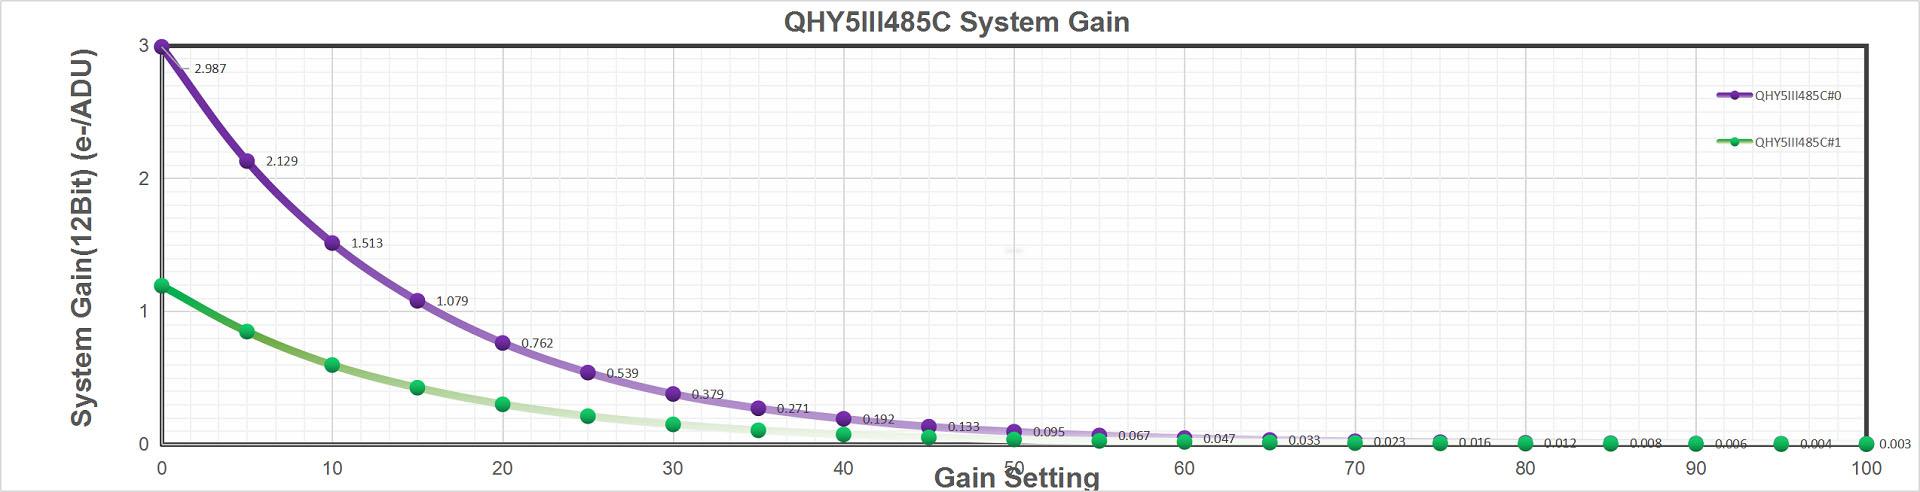 QHY 5-III-485C system Gain